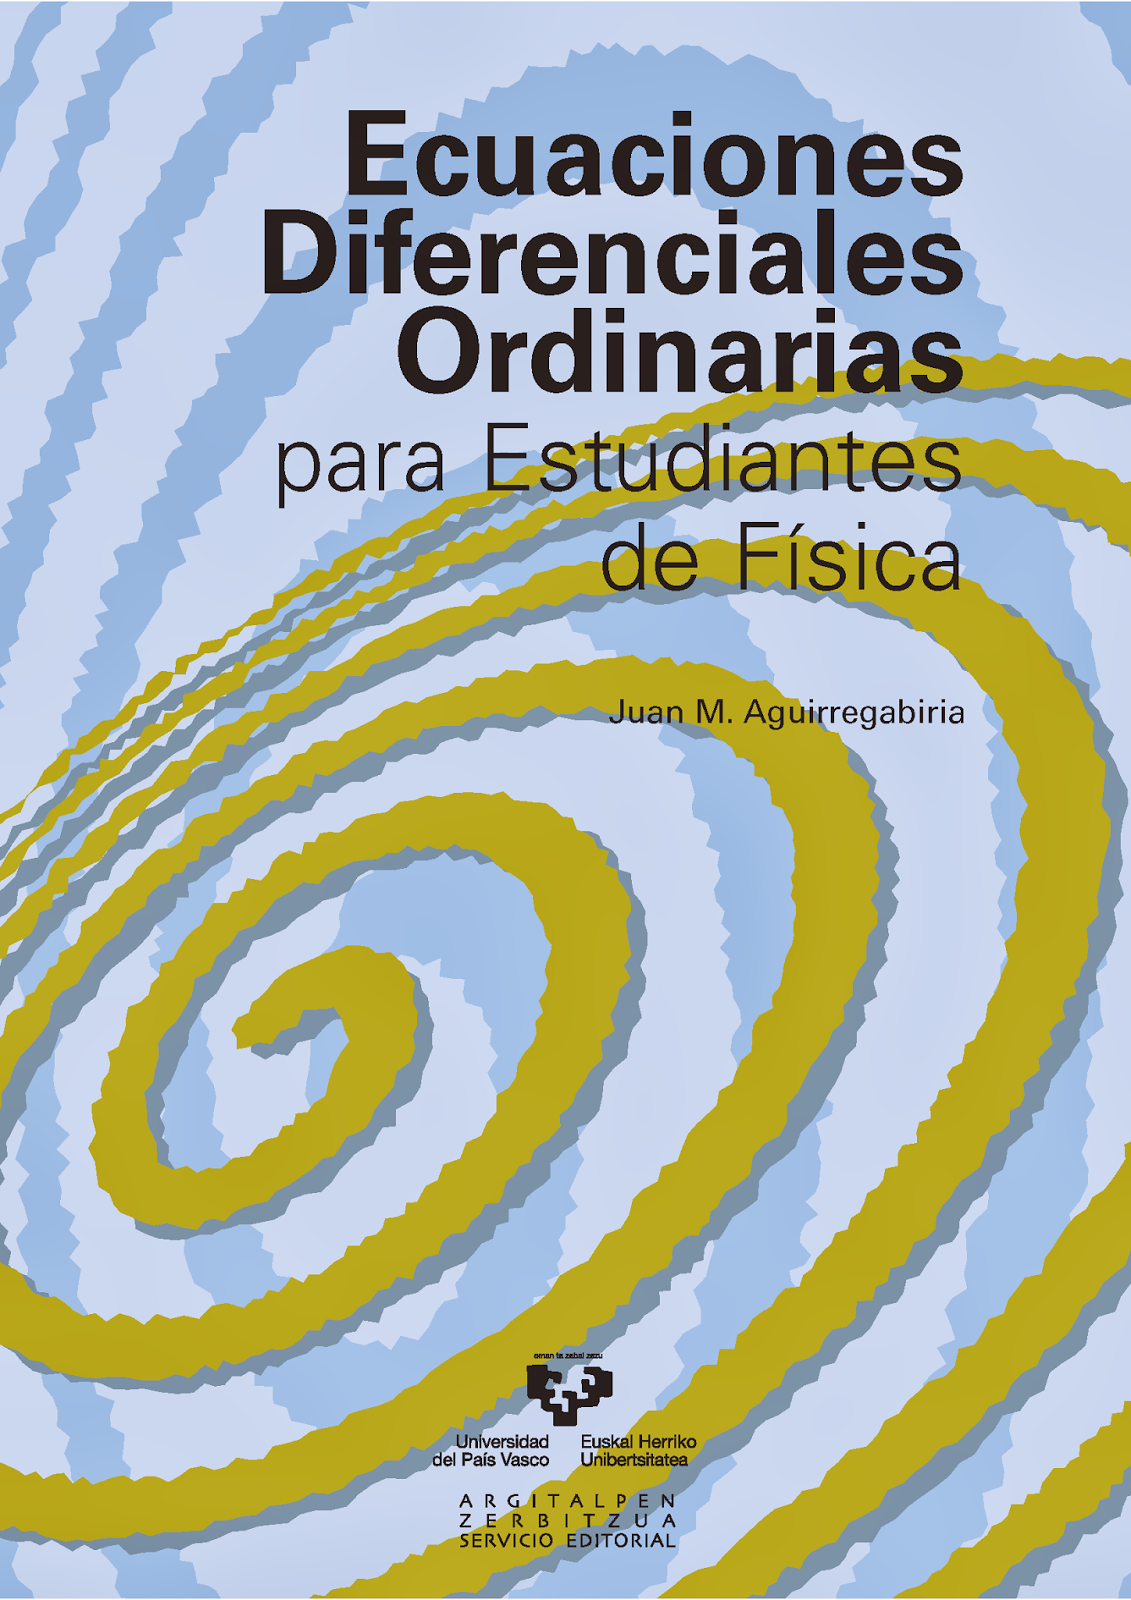 Edicion descargar pdf zill ecuaciones 7 dennis diferenciales libro